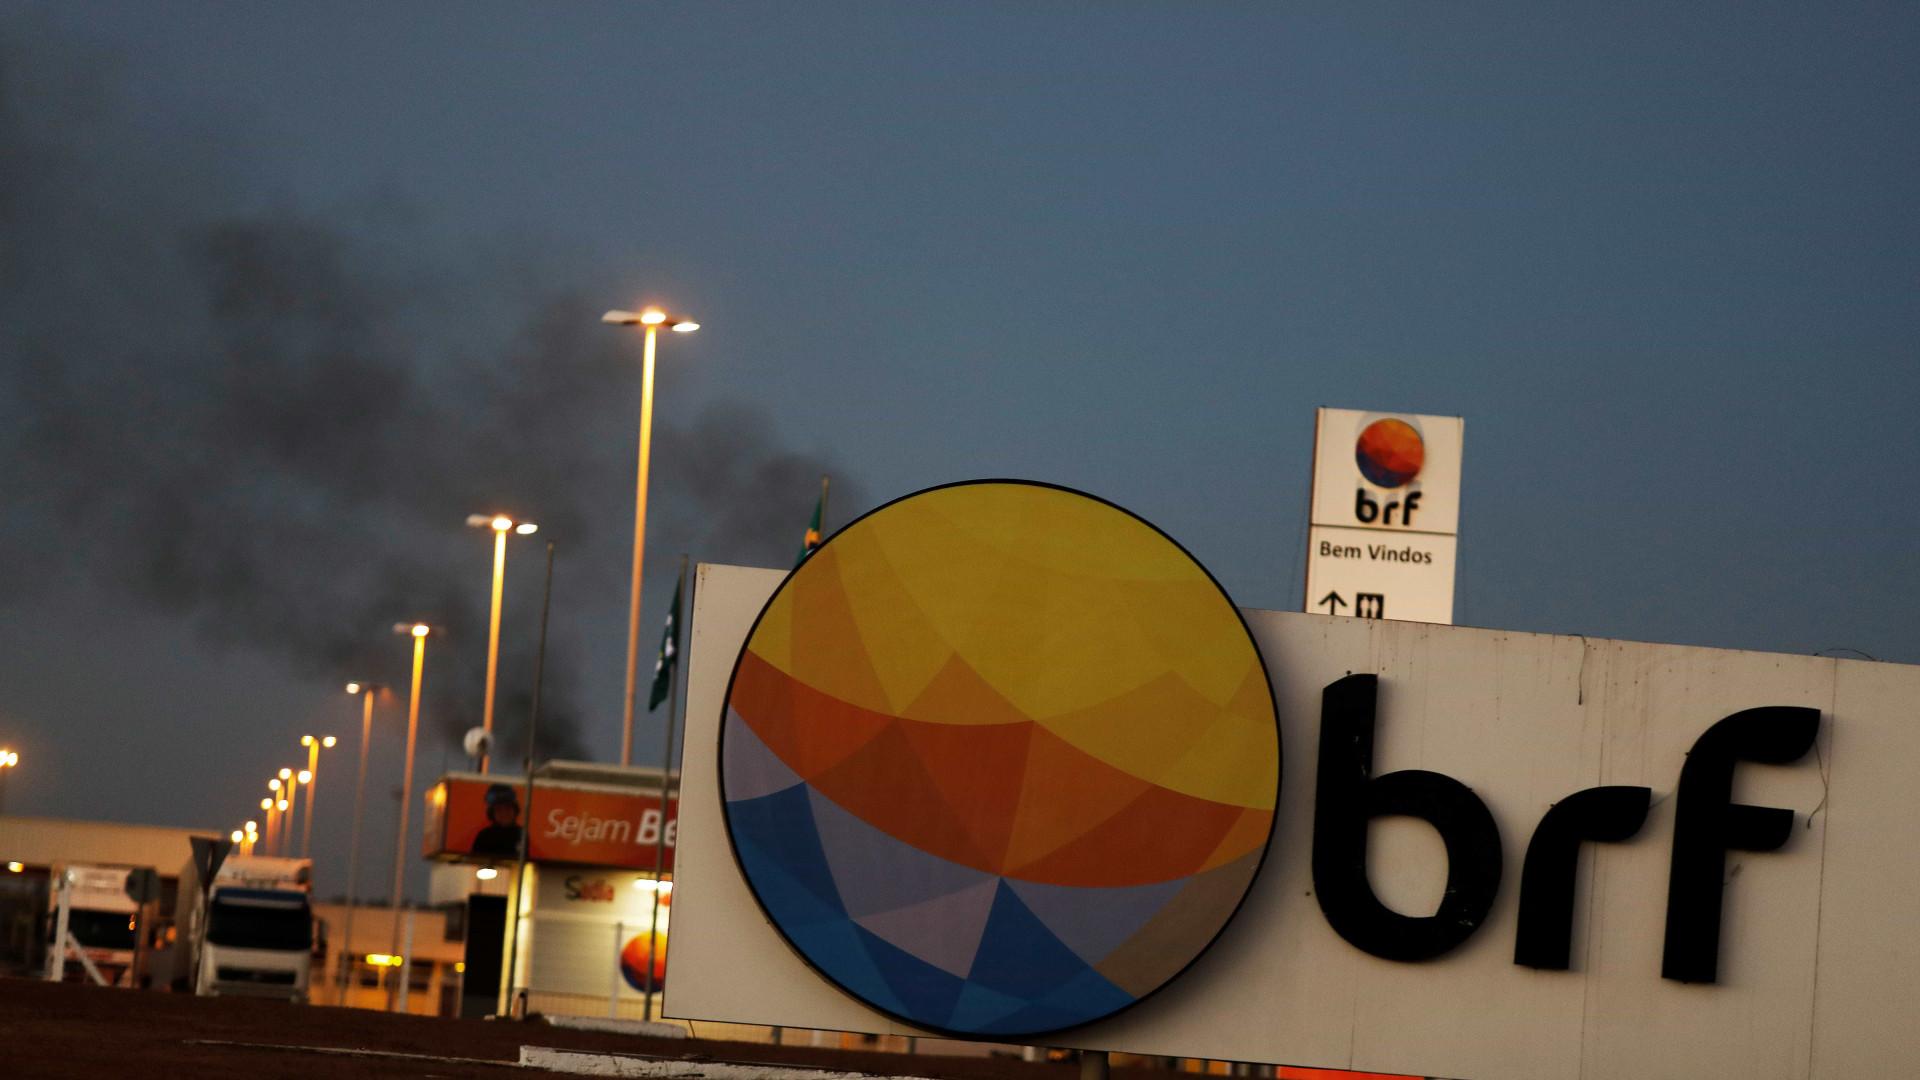 BRF dará férias coletivas a 2 mil devido a embargo da União Europeia